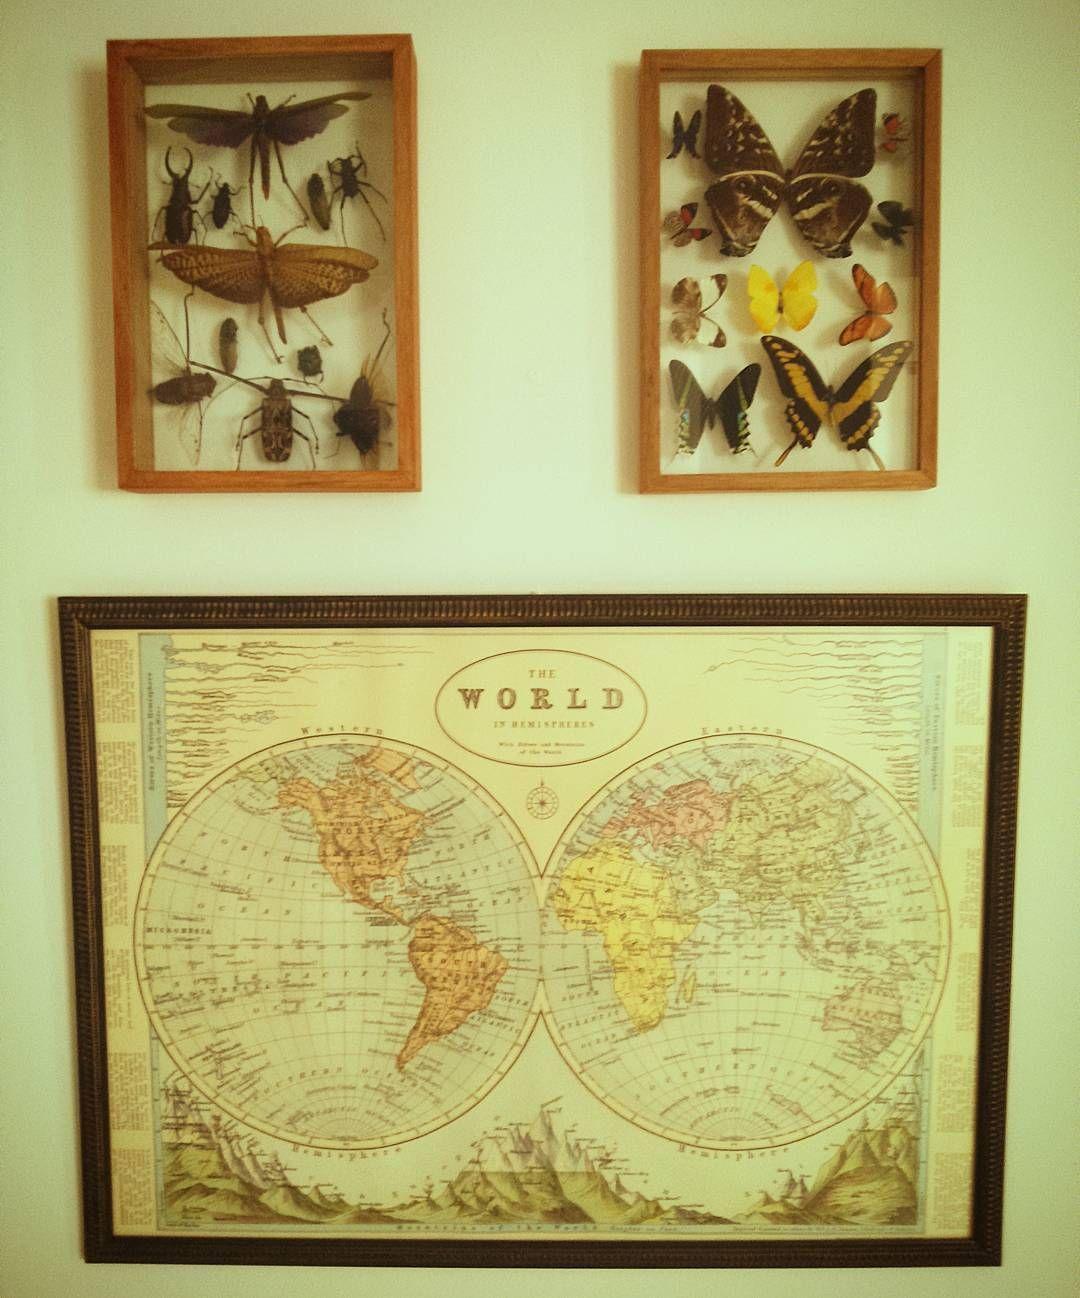 Rincones de inspiración  #home #design #tattoostudio #loveink #travel #Carocortes #insect by tattoocarocortes